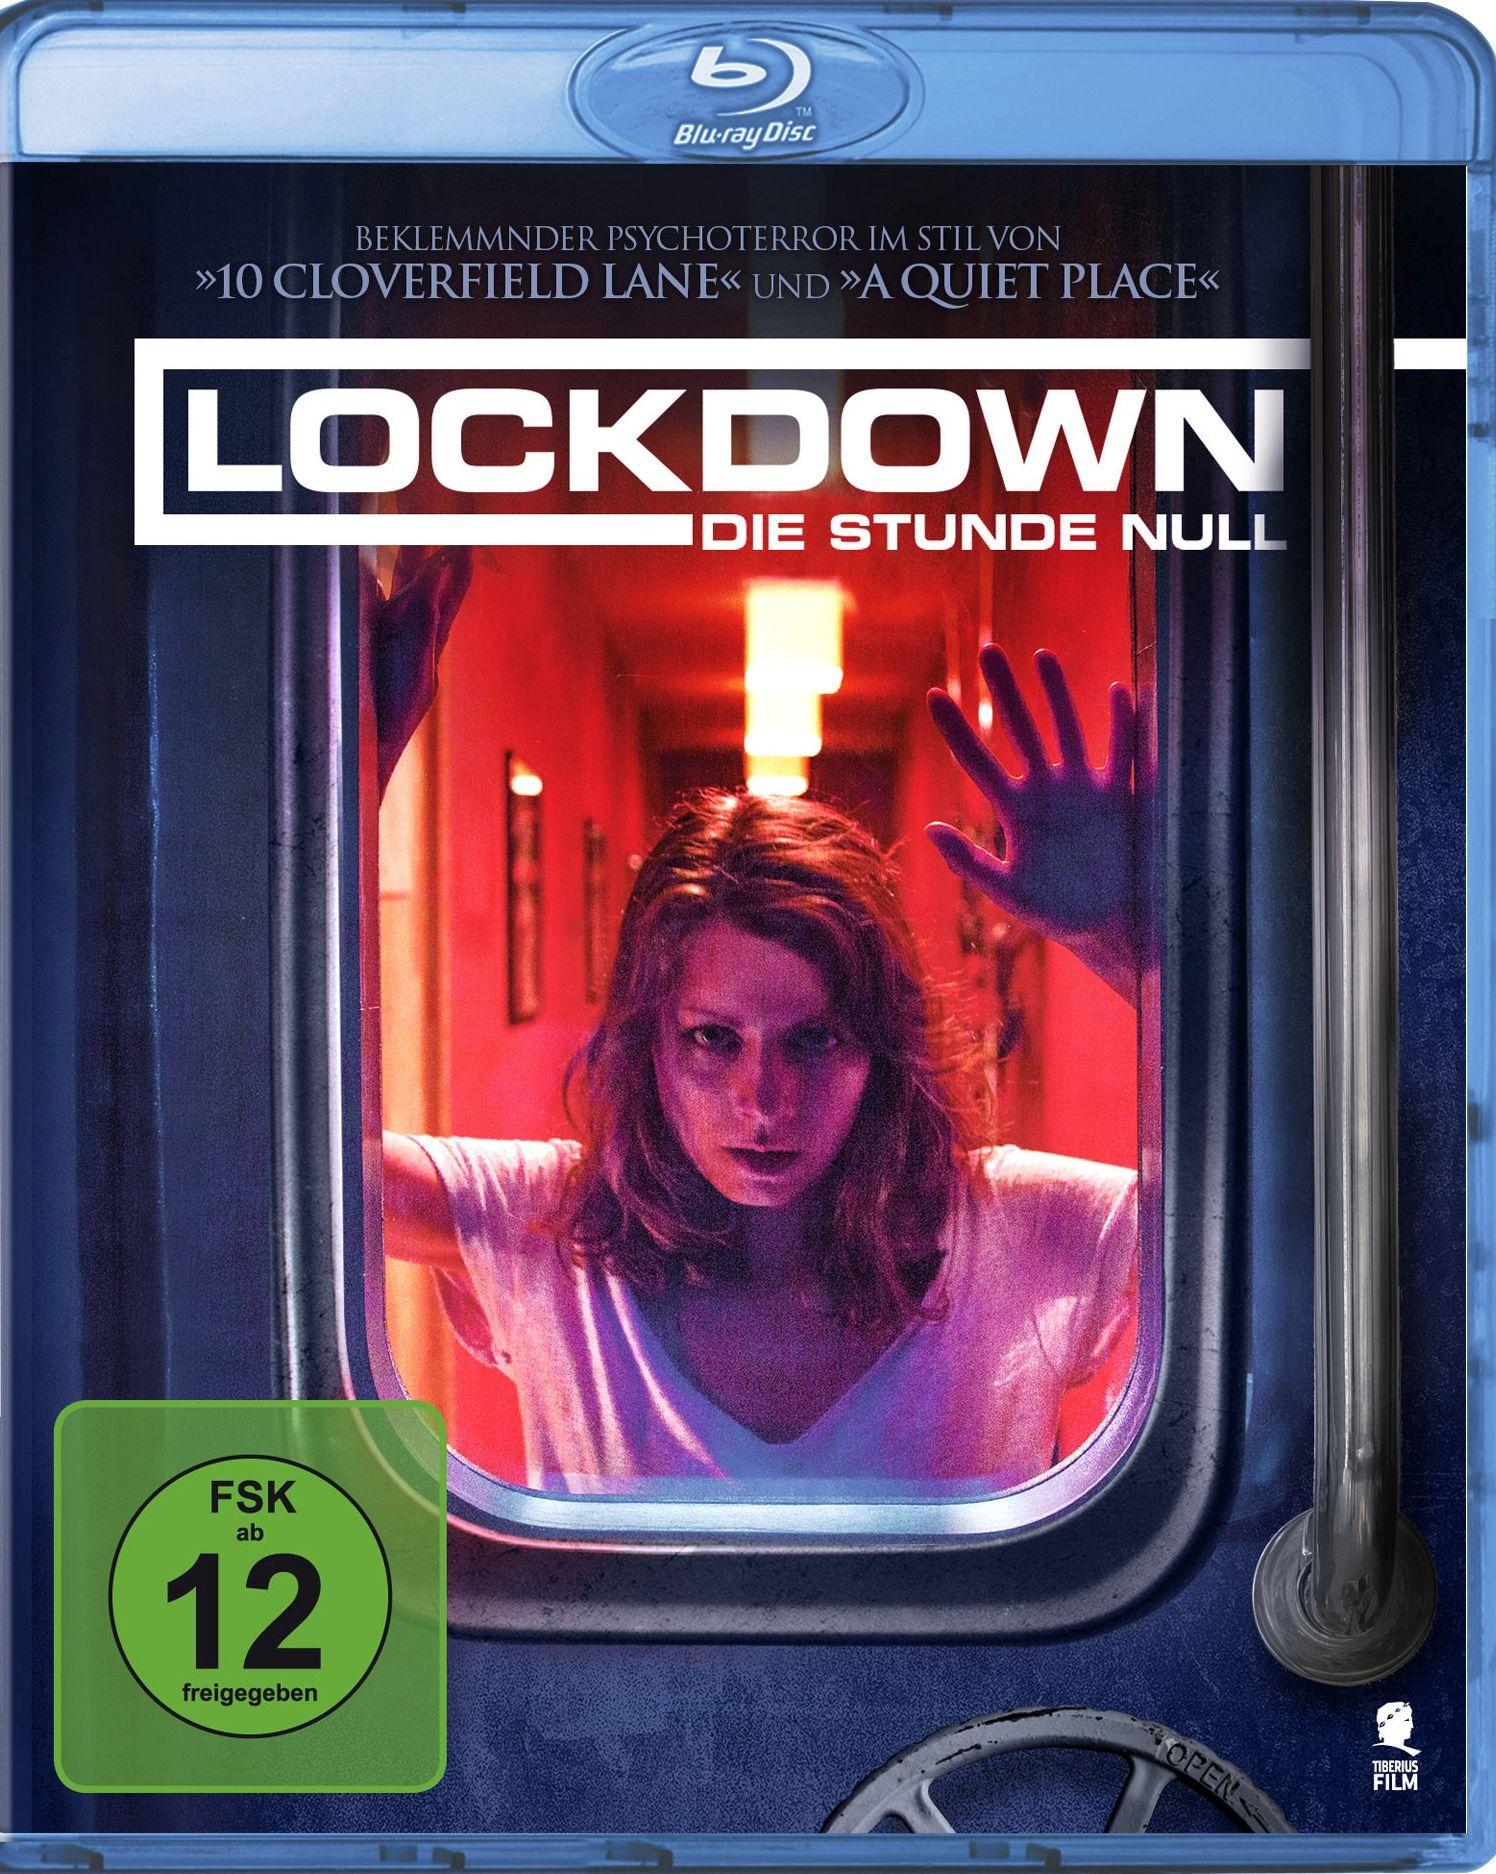 Lockdown - Die Stunde Null (BLURAY)